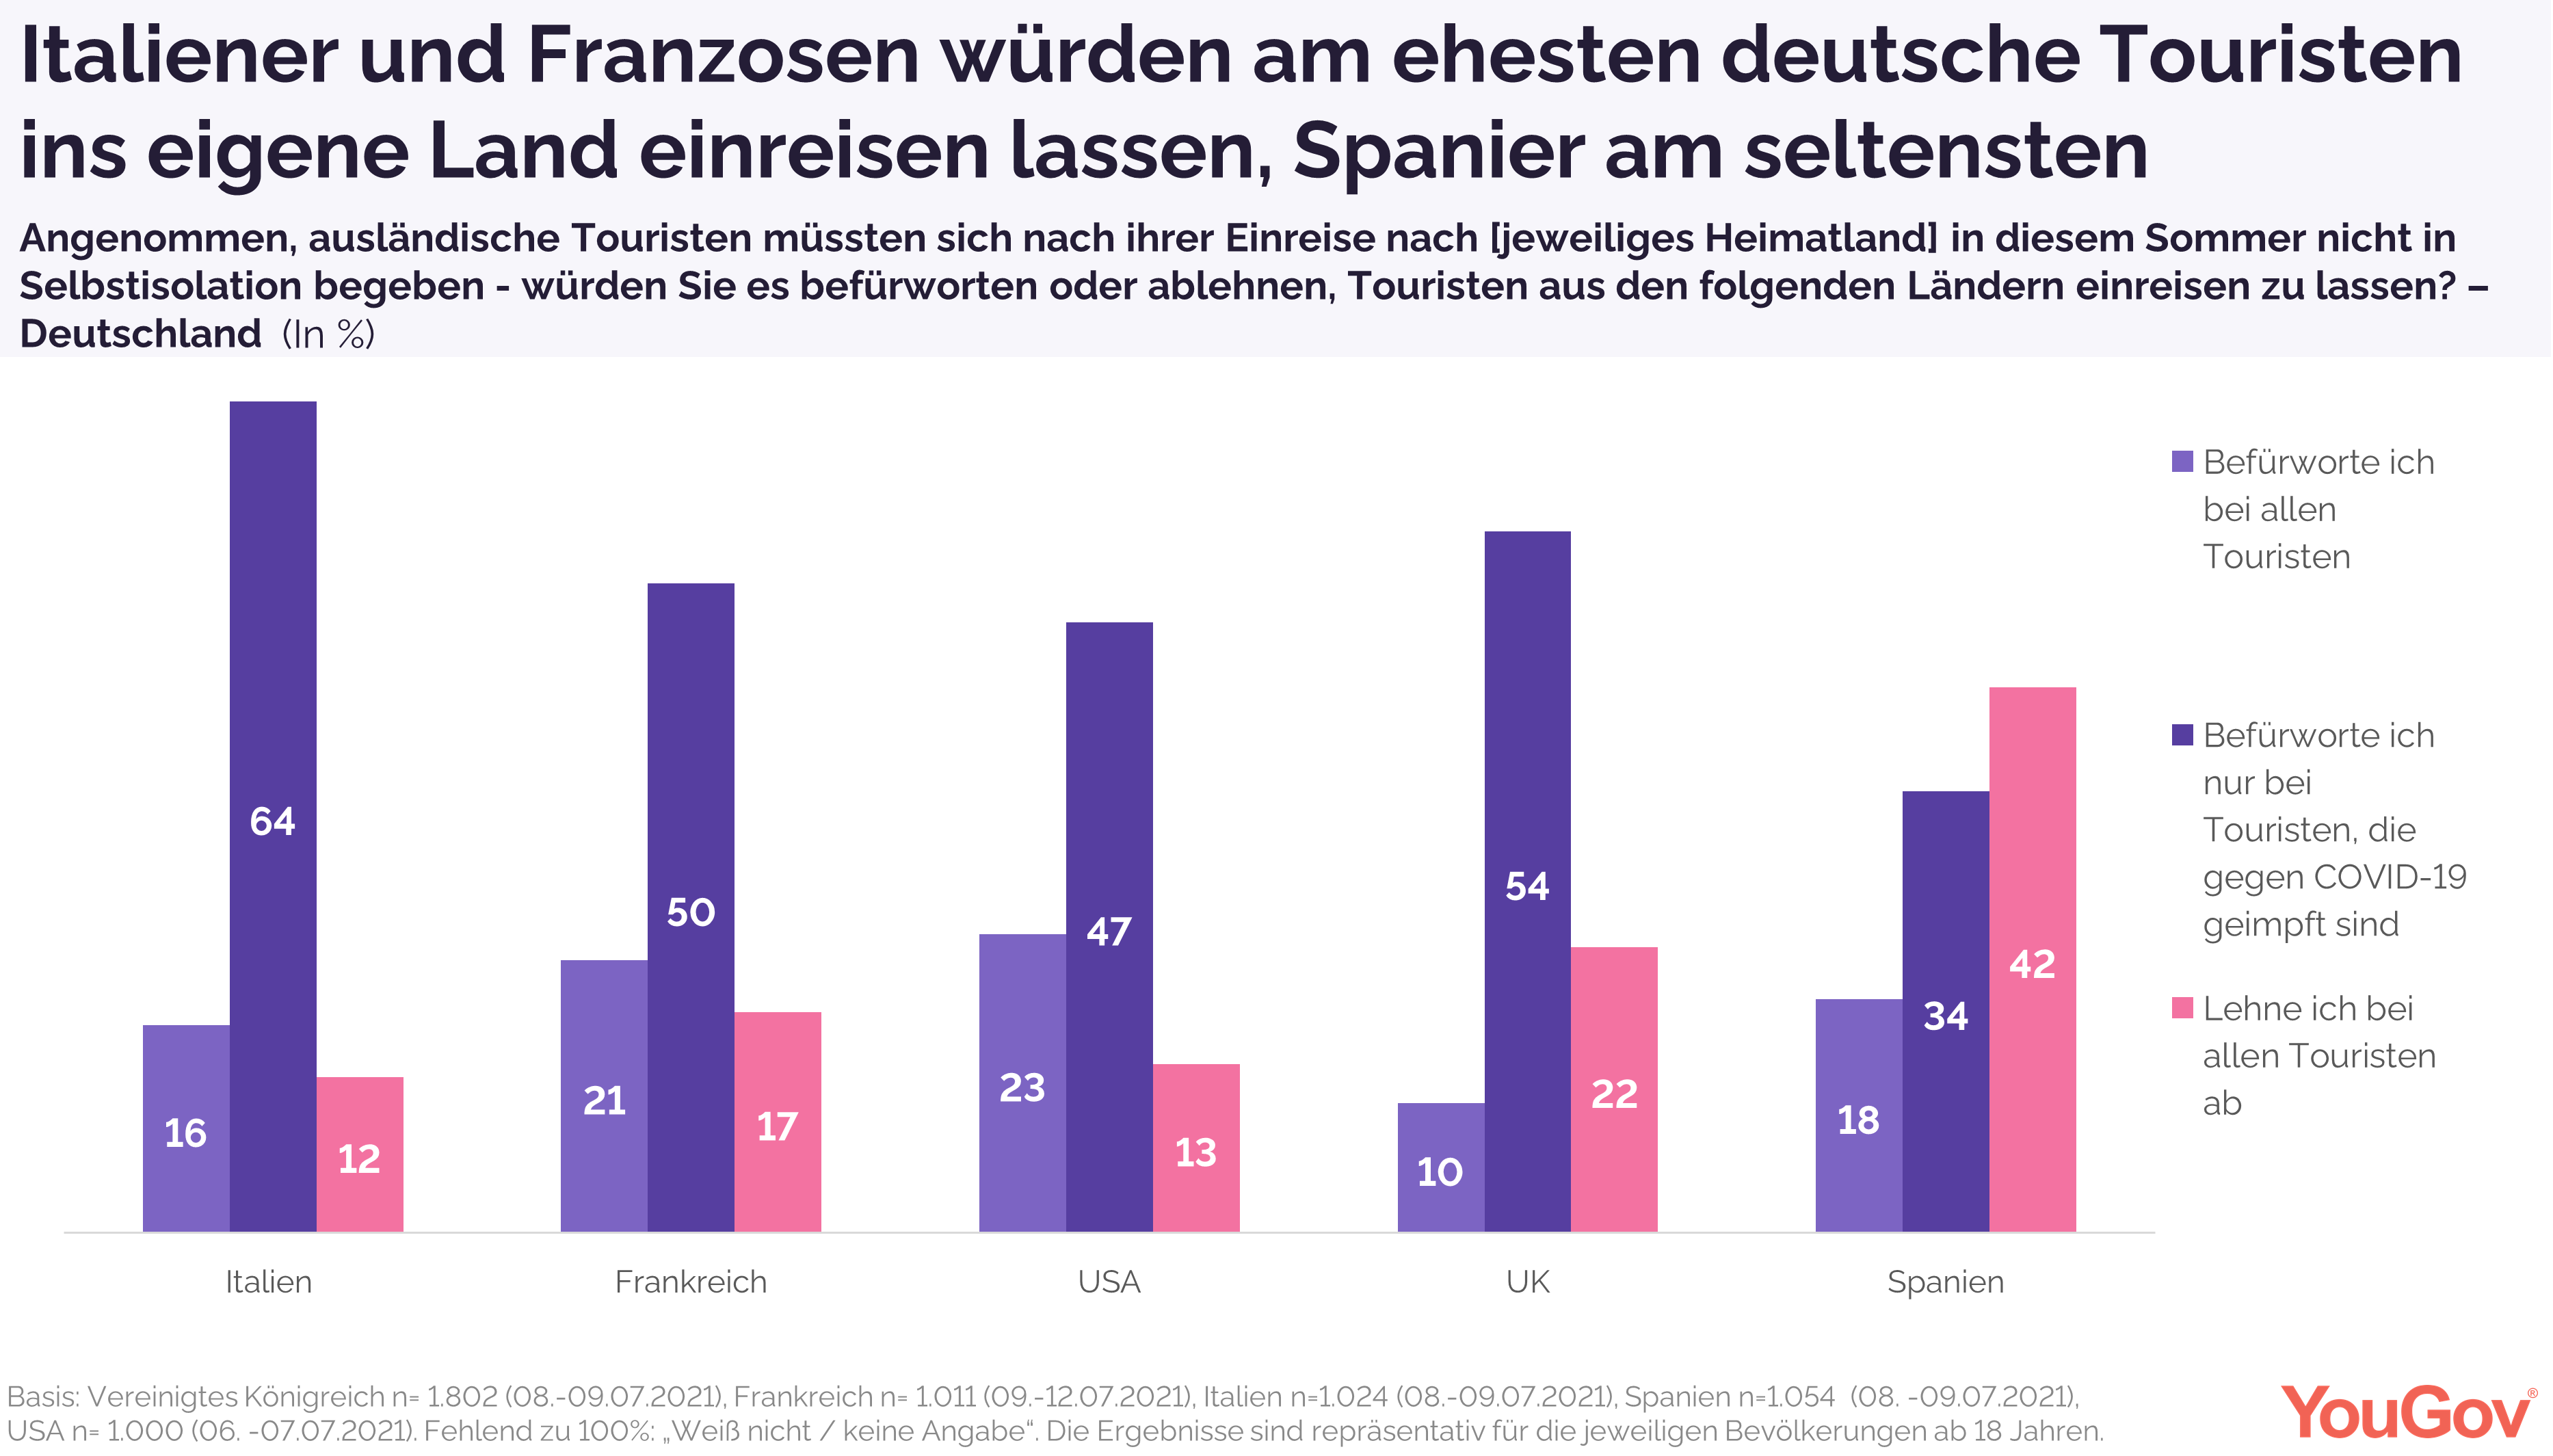 ITaliener und Franzosen würden am ehesten Deutsche reinlassen